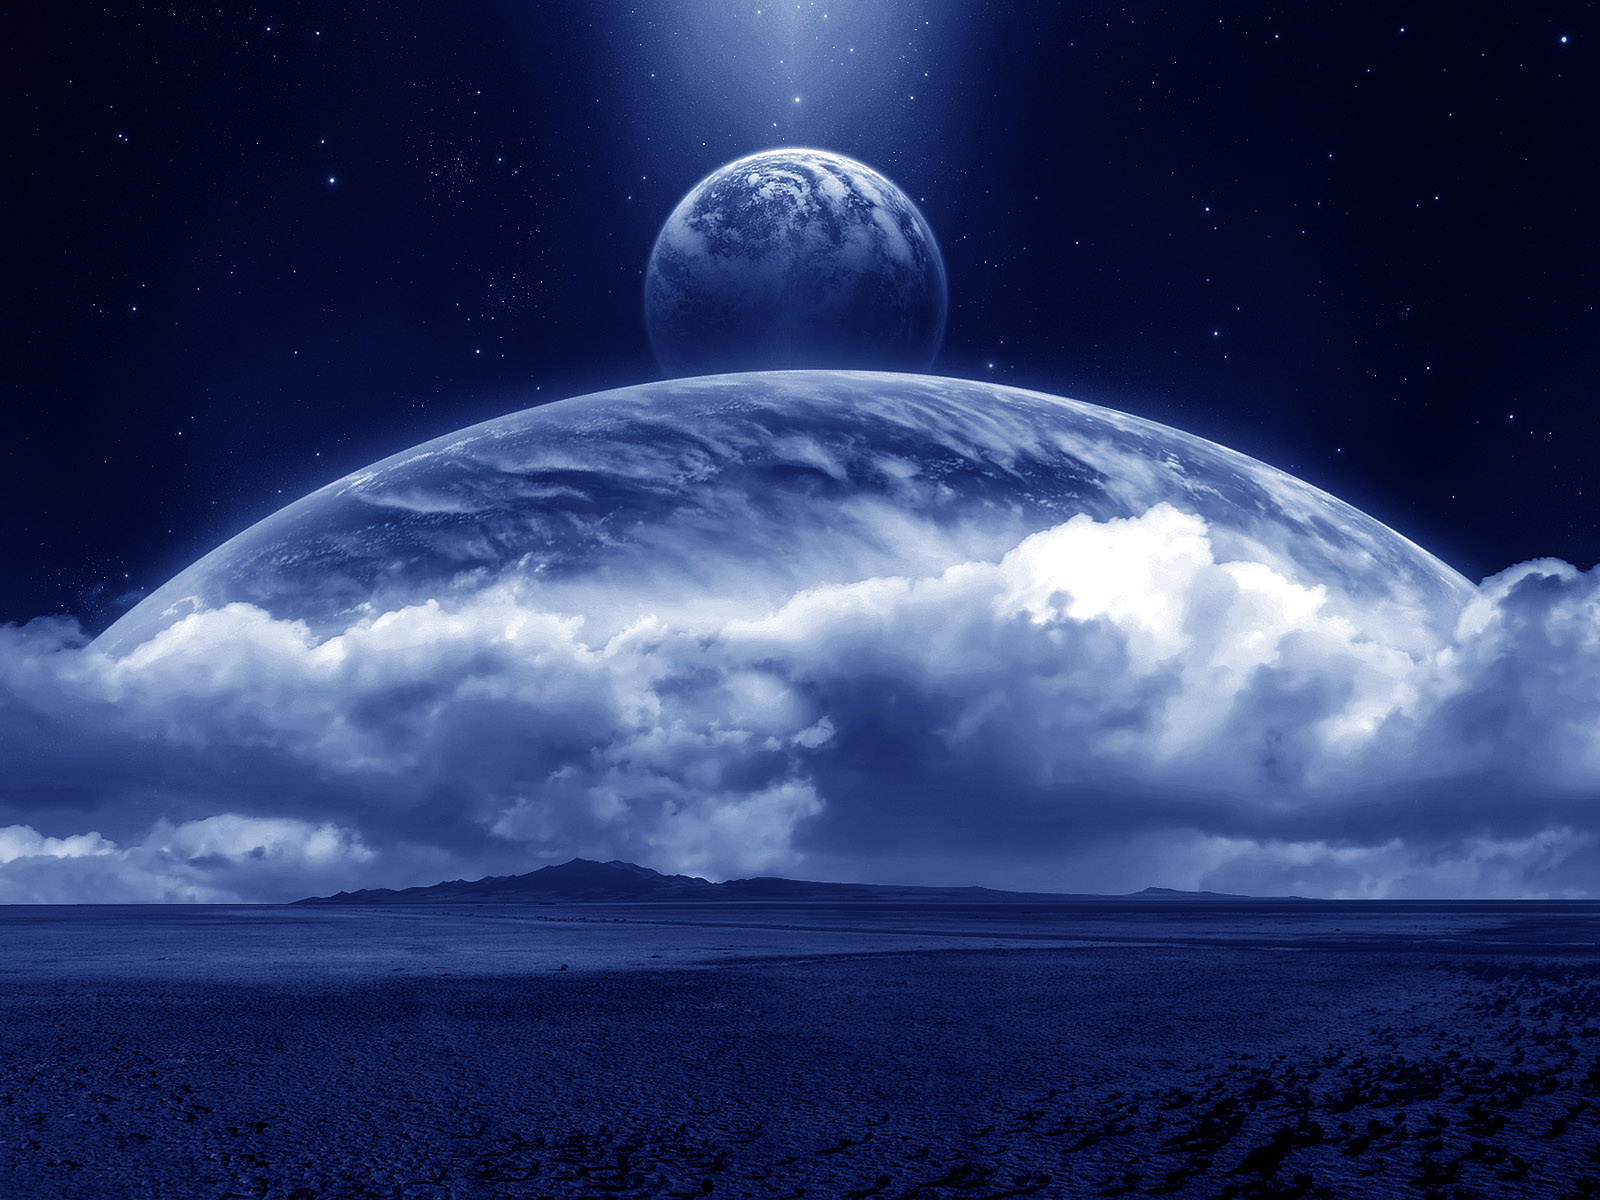 http://3.bp.blogspot.com/-MTdfI_gVqnw/Tcb0_gTUtbI/AAAAAAAAAP0/-K7CIp98pZ8/s1600/sfondi-wallpaper-universo-spazio182-20081119-095456-1.jpg